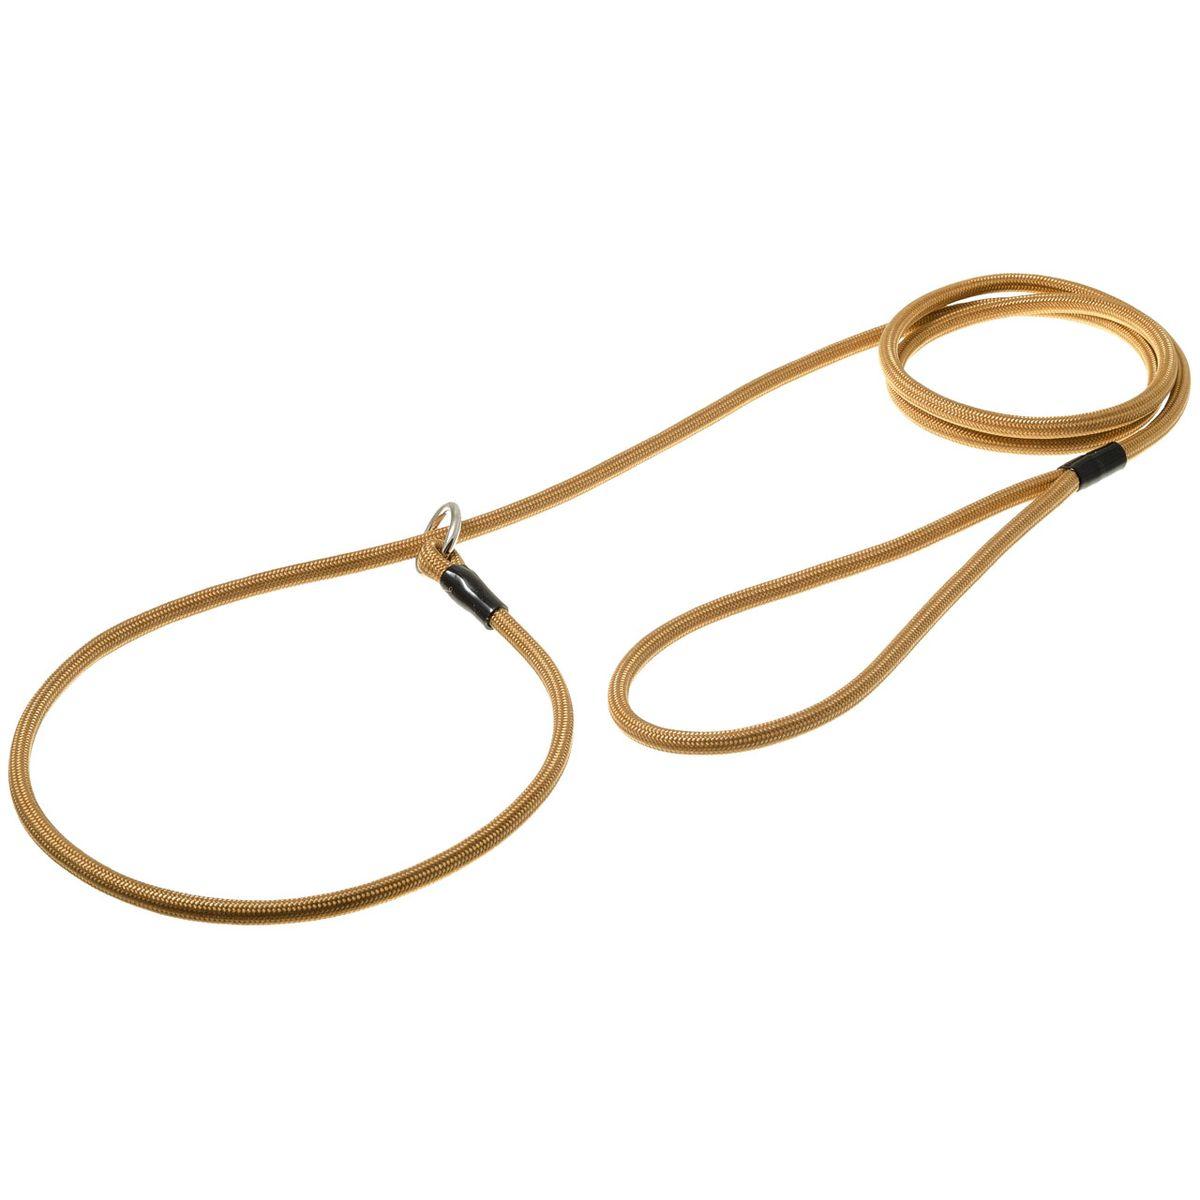 Поводок-удавка с кольцом круглый 6мм*150см (золото)74-2406